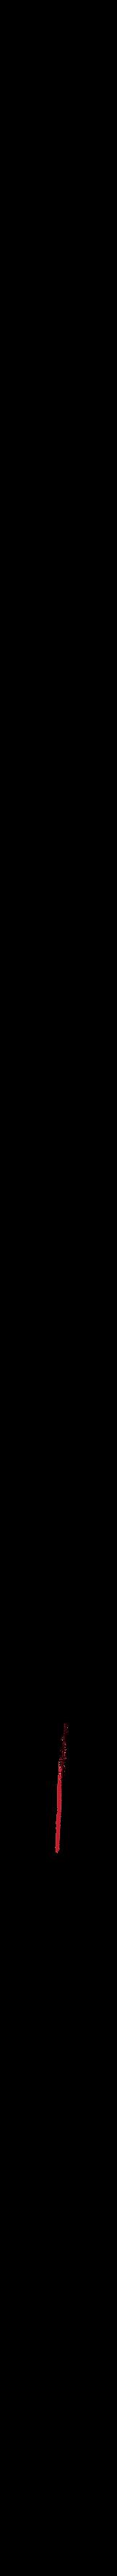 linha2.png